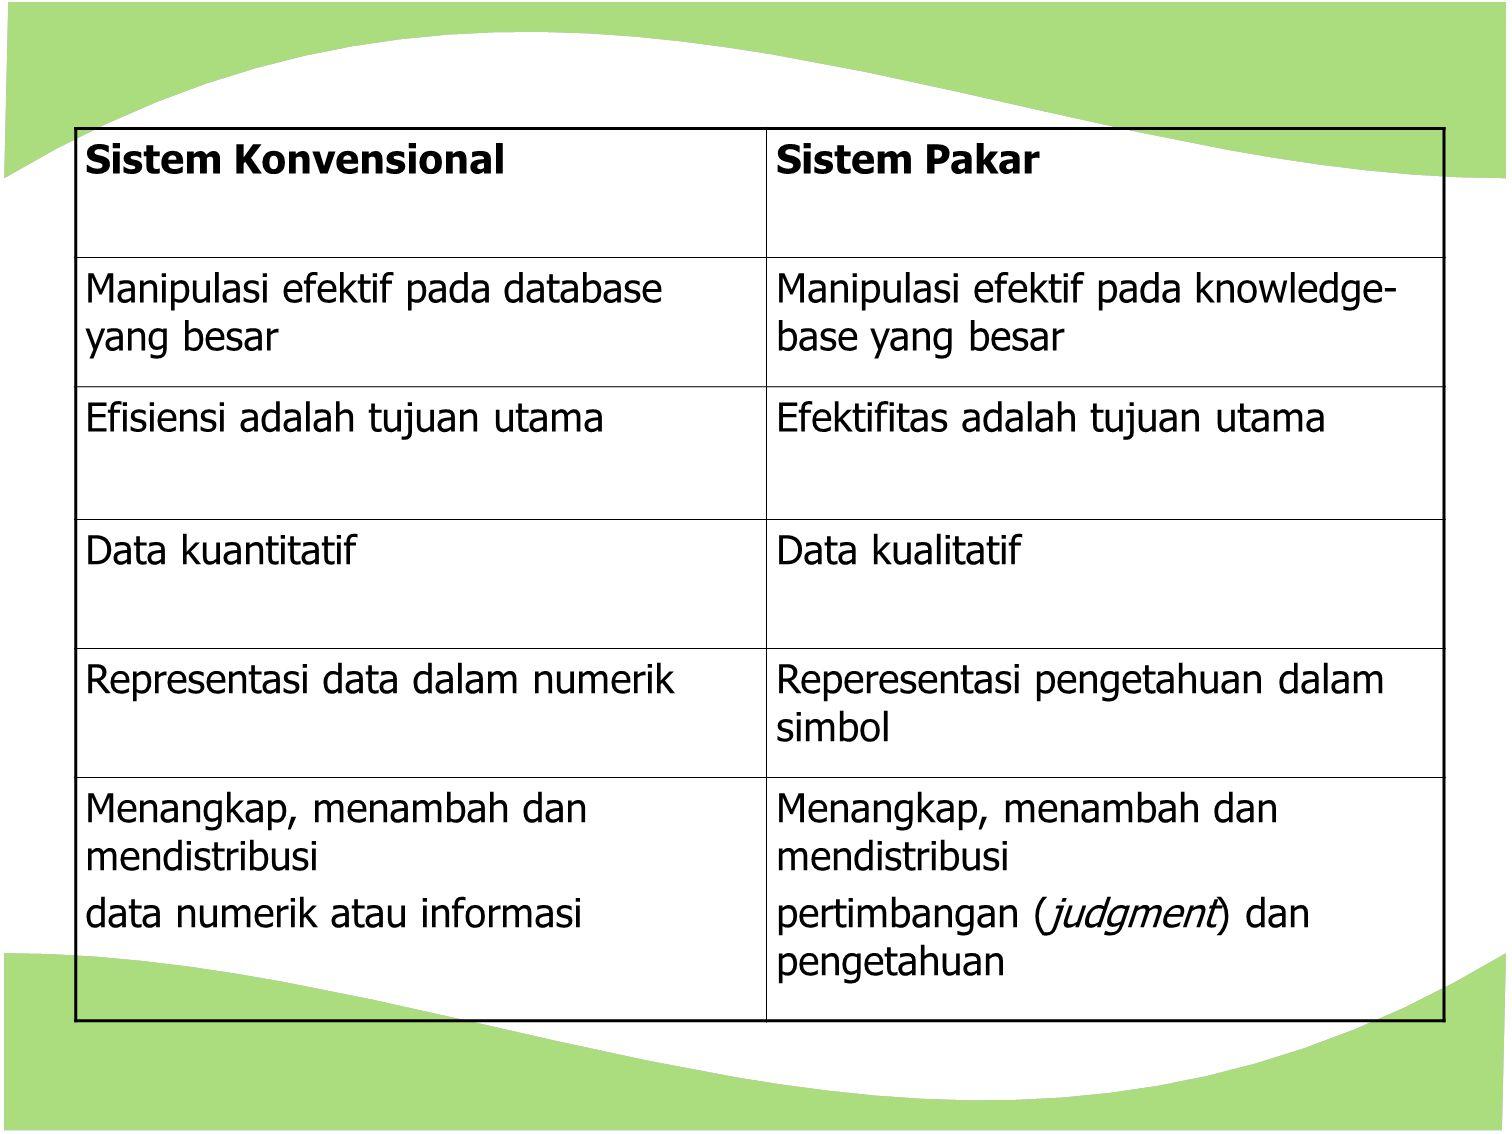 Sistem KonvensionalSistem Pakar Manipulasi efektif pada database yang besar Manipulasi efektif pada knowledge- base yang besar Efisiensi adalah tujuan